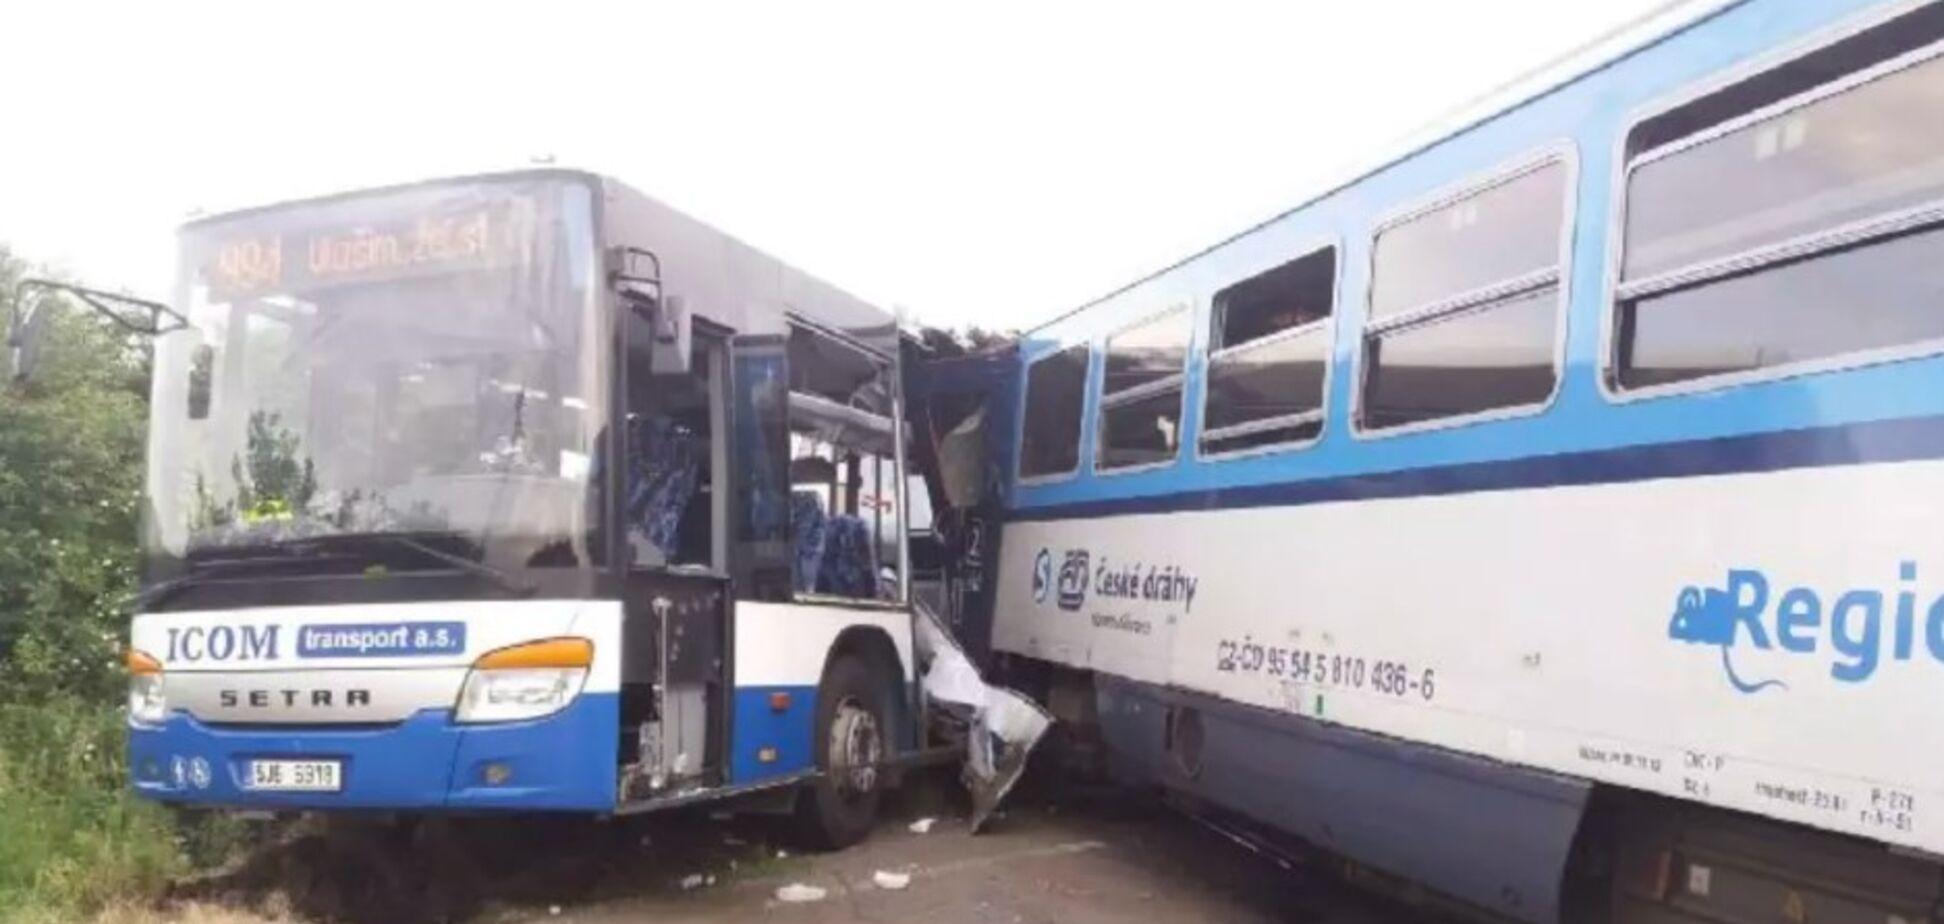 У Чехії поїзд протаранив автобус з пасажирами: постраждали 10 осіб. Фото